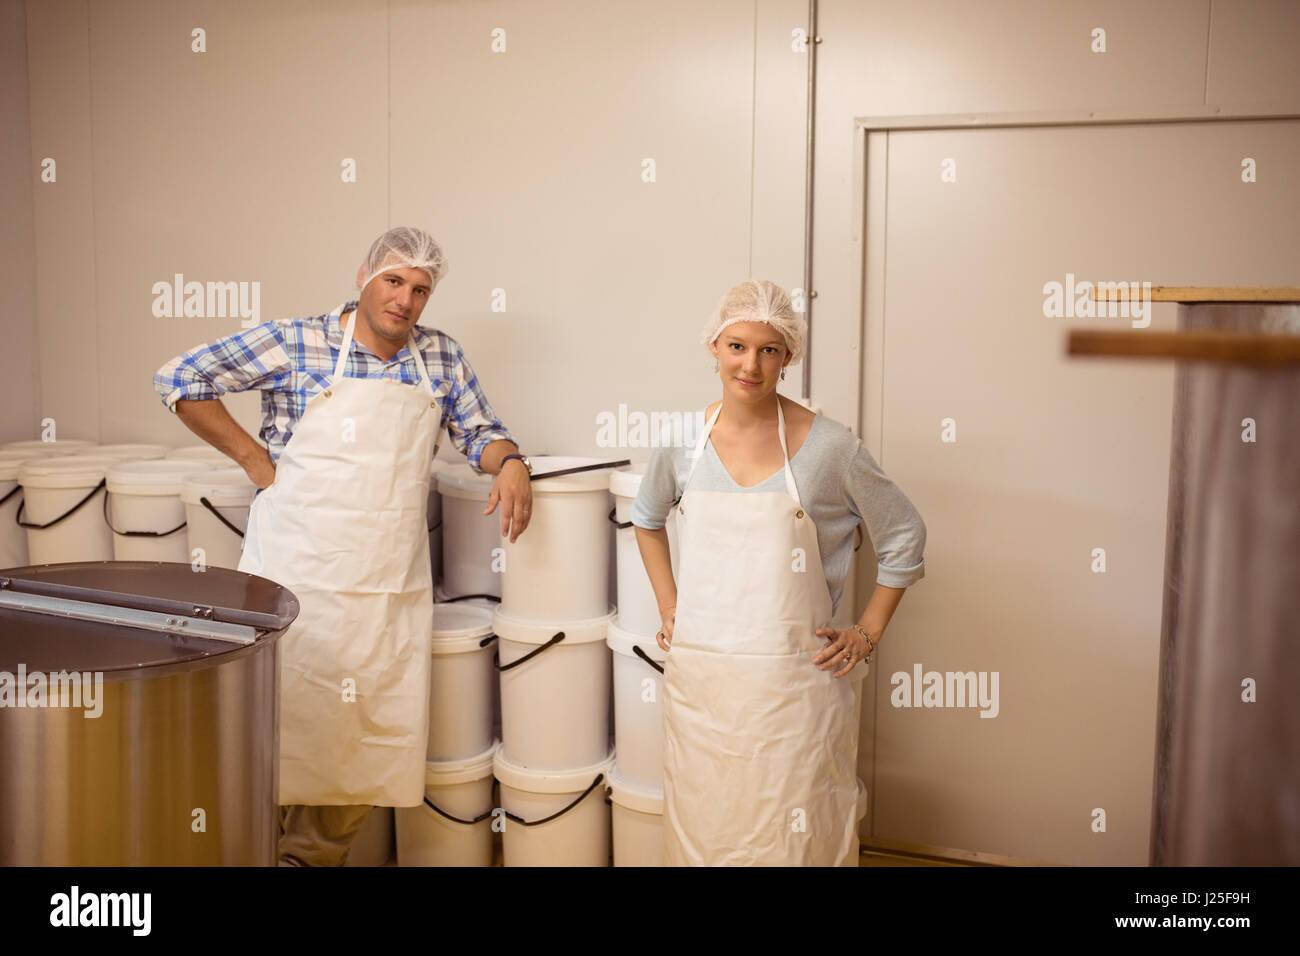 Ritratto di maschio e femmina apicoltori in abbigliamento protettivo in fabbrica Immagini Stock